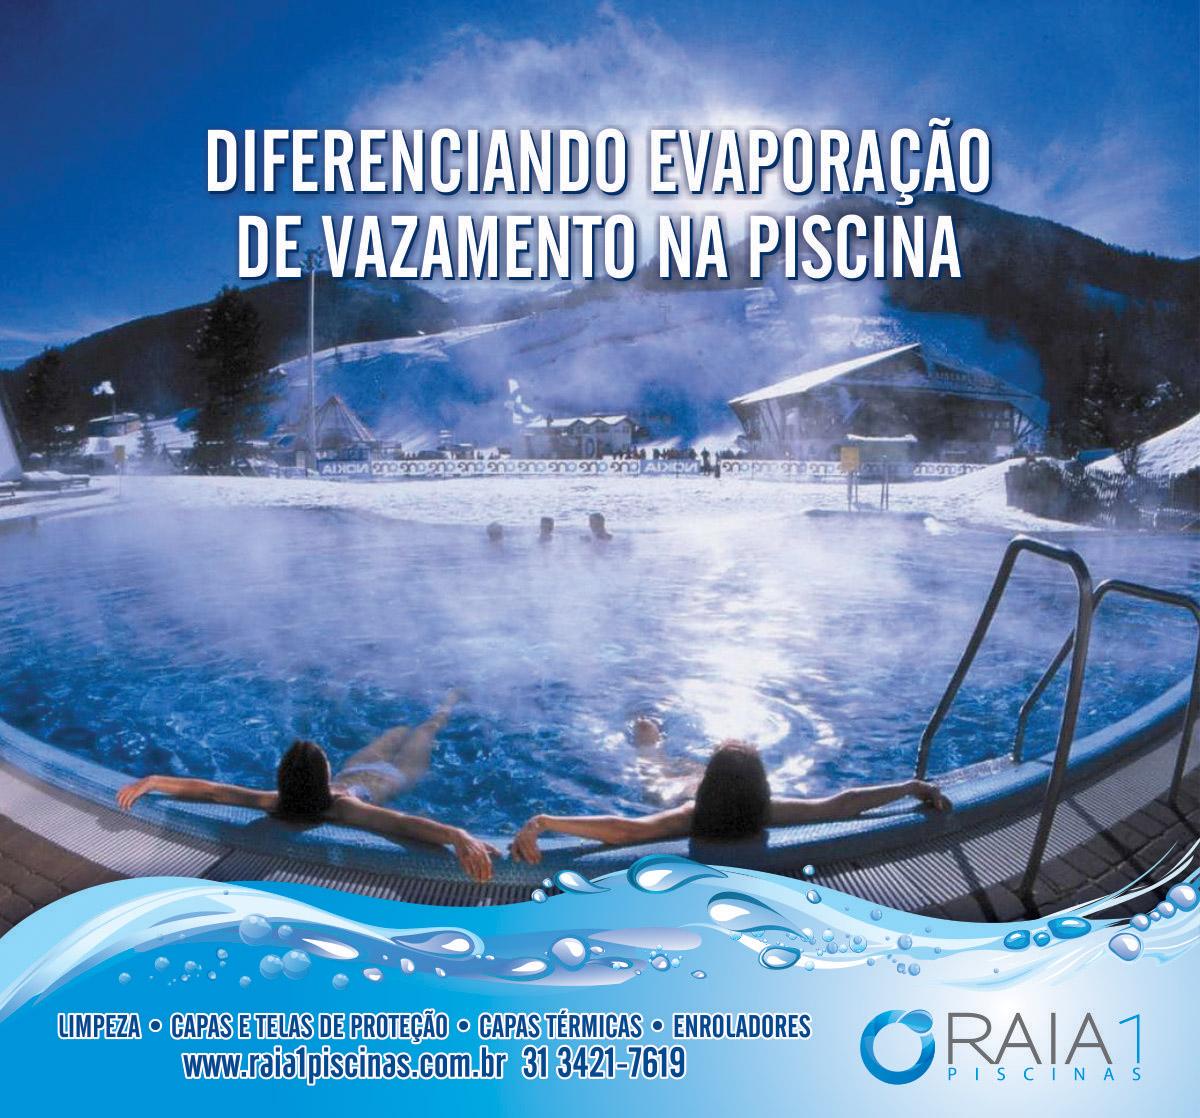 dieferenciando-evaporação-de-vazamento-na-piscina bhmg